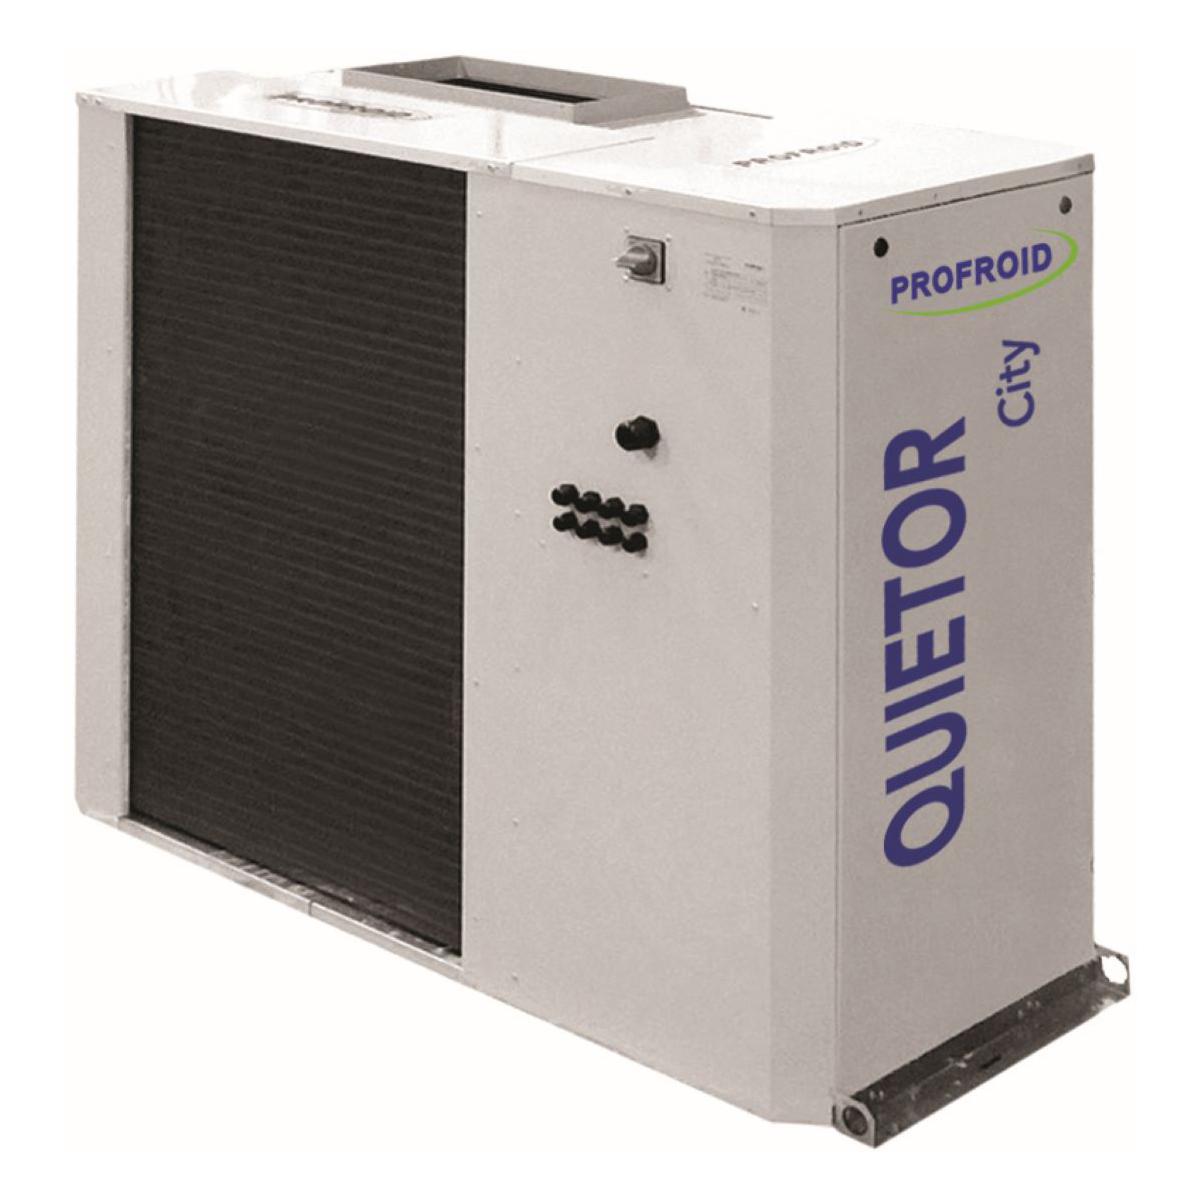 Profroid-Quietor-City-condensing-unit